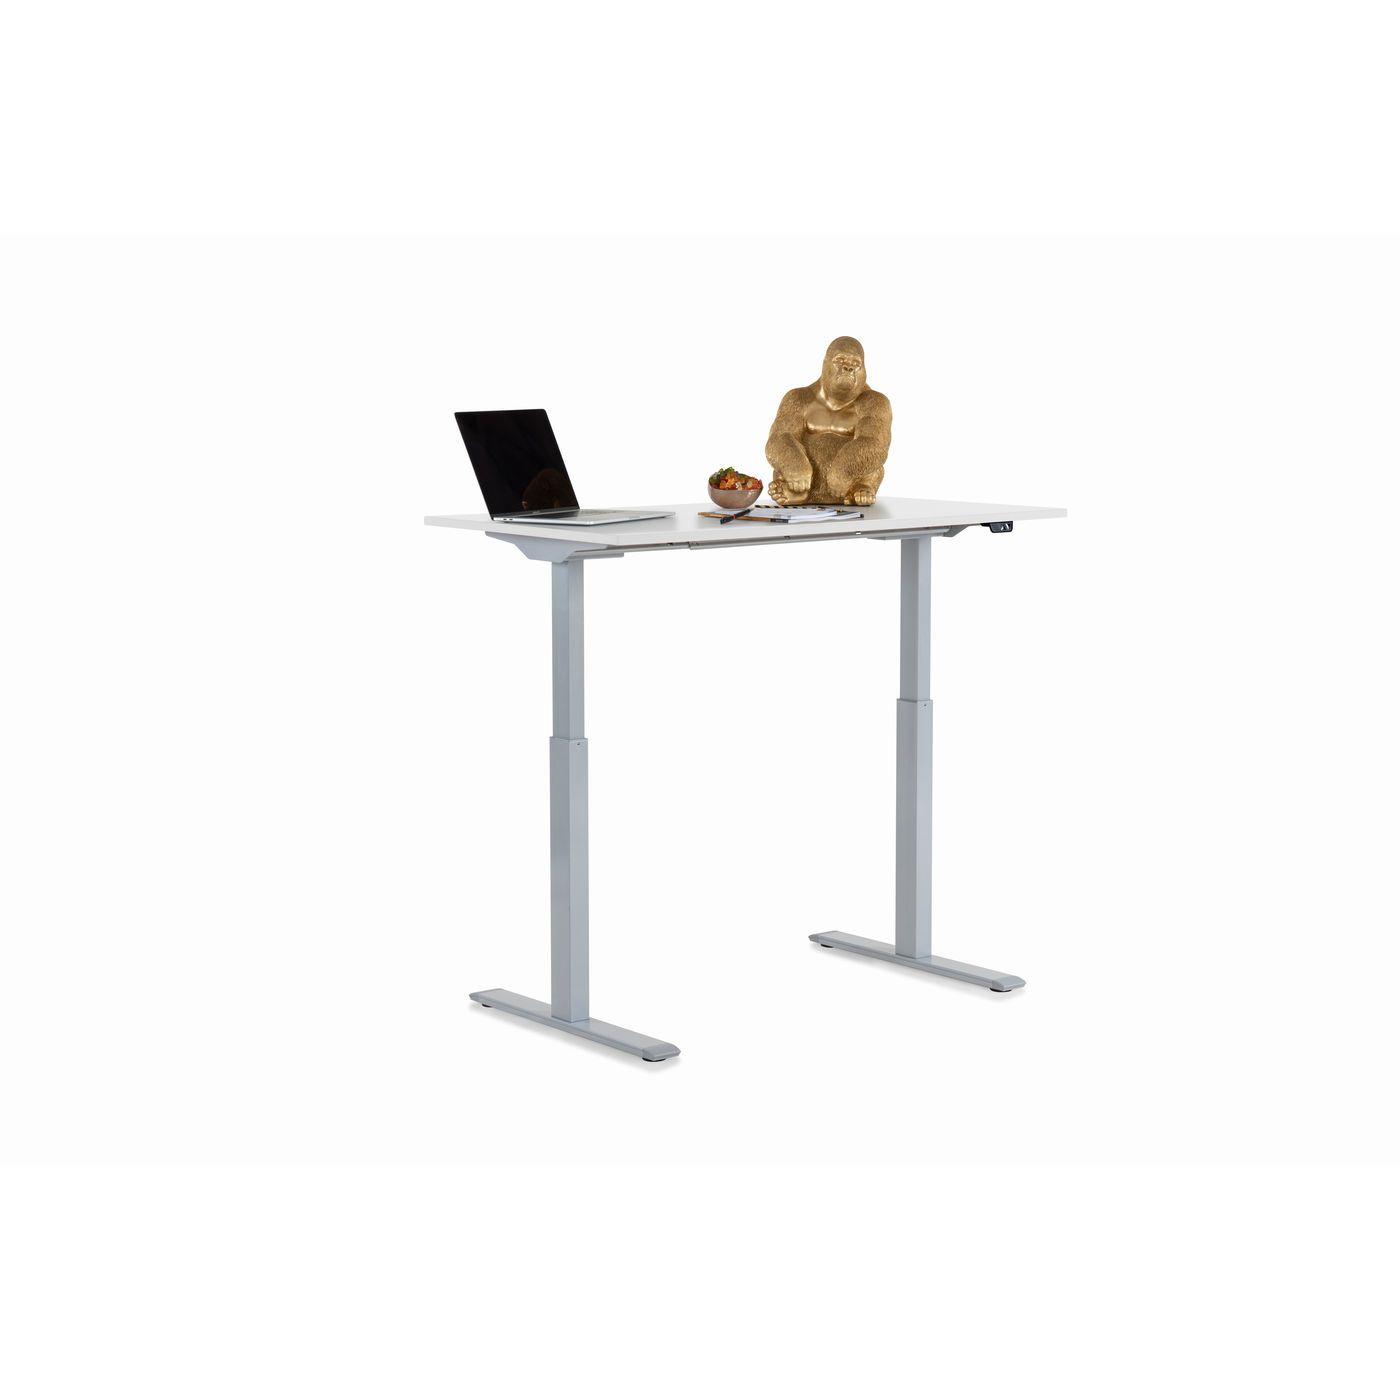 Schreibtisch Office Smart Grau Weiss 120x70 Kare Online Gmbh In 2021 Tischplatten Weiss Grau